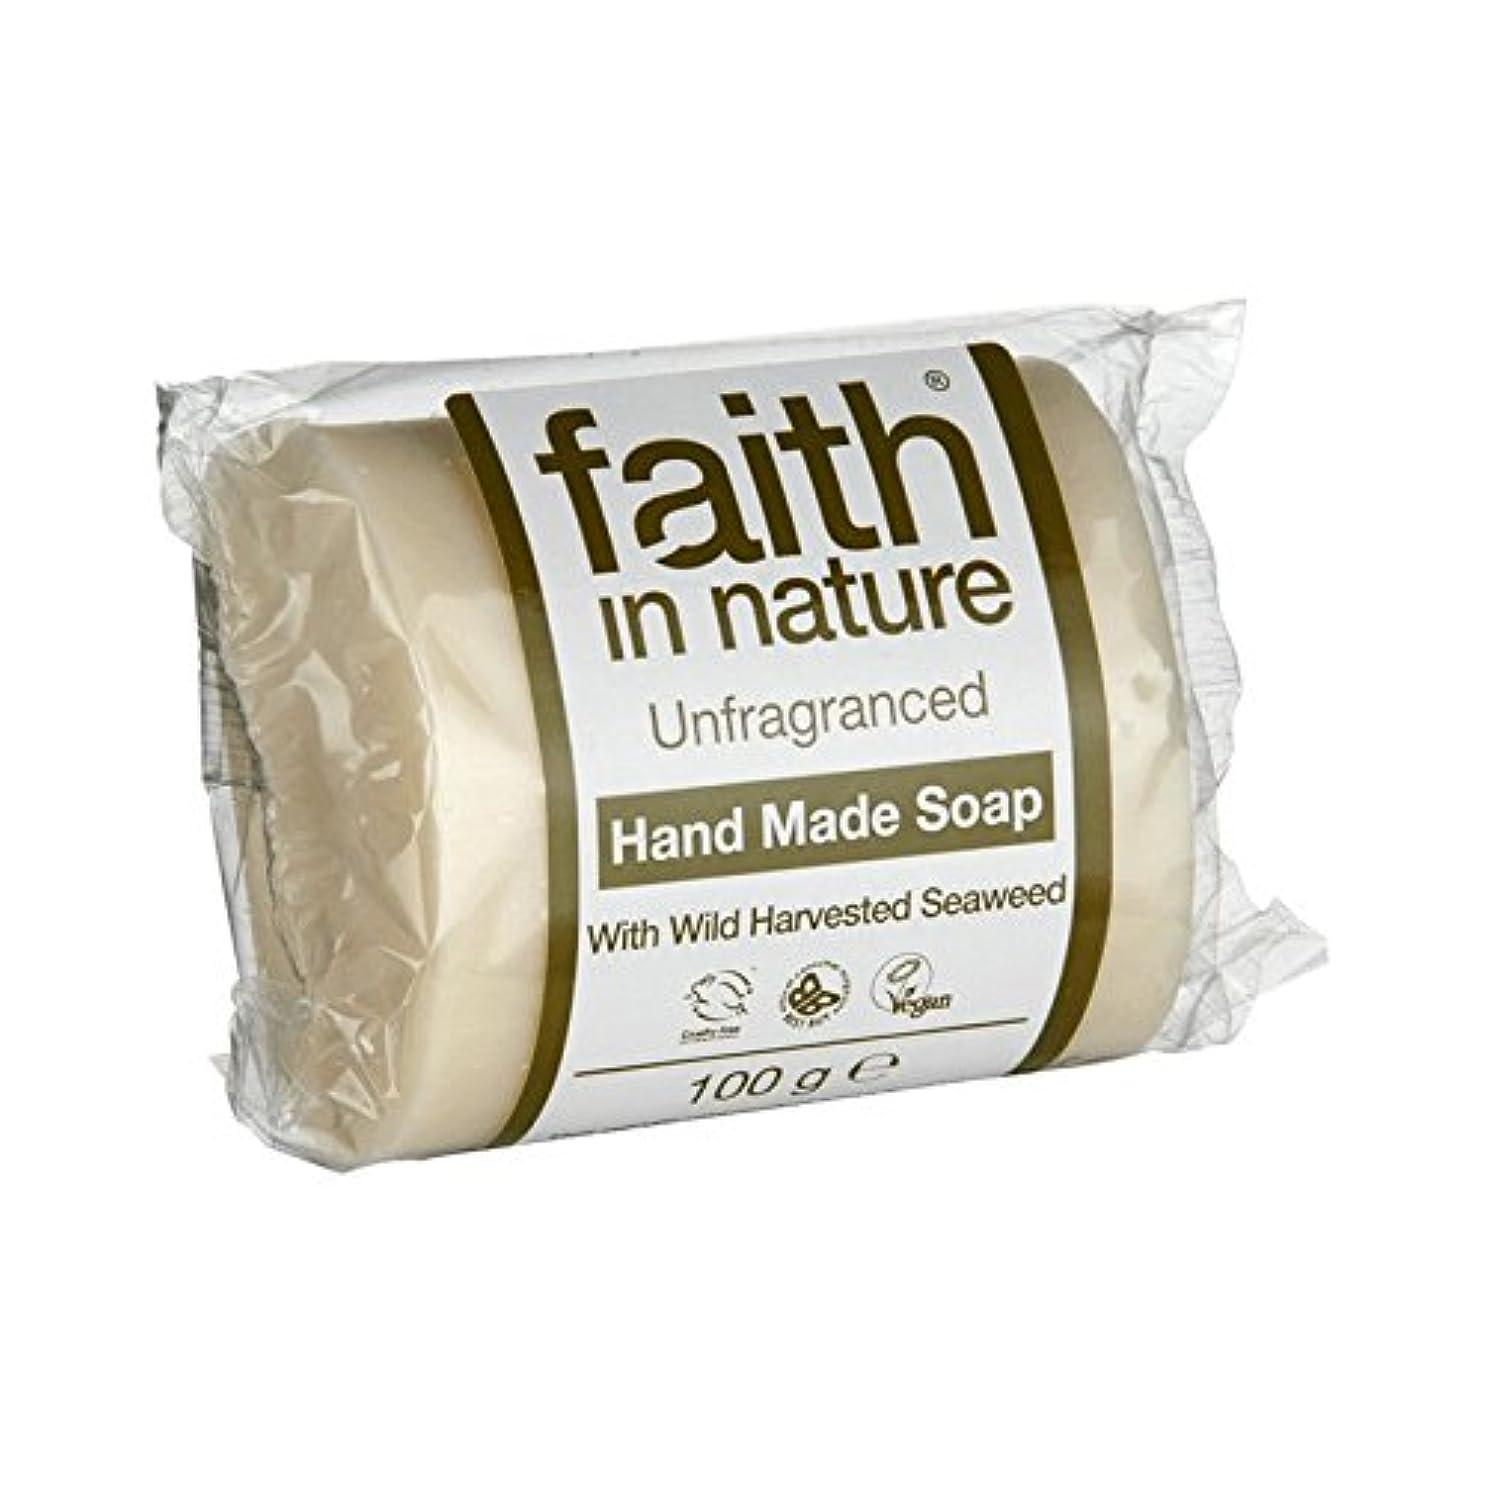 してはいけないパウダーあまりにも自然無香料海藻石鹸100グラムの信仰 - Faith in Nature Unfragranced Seaweed Soap 100g (Faith in Nature) [並行輸入品]